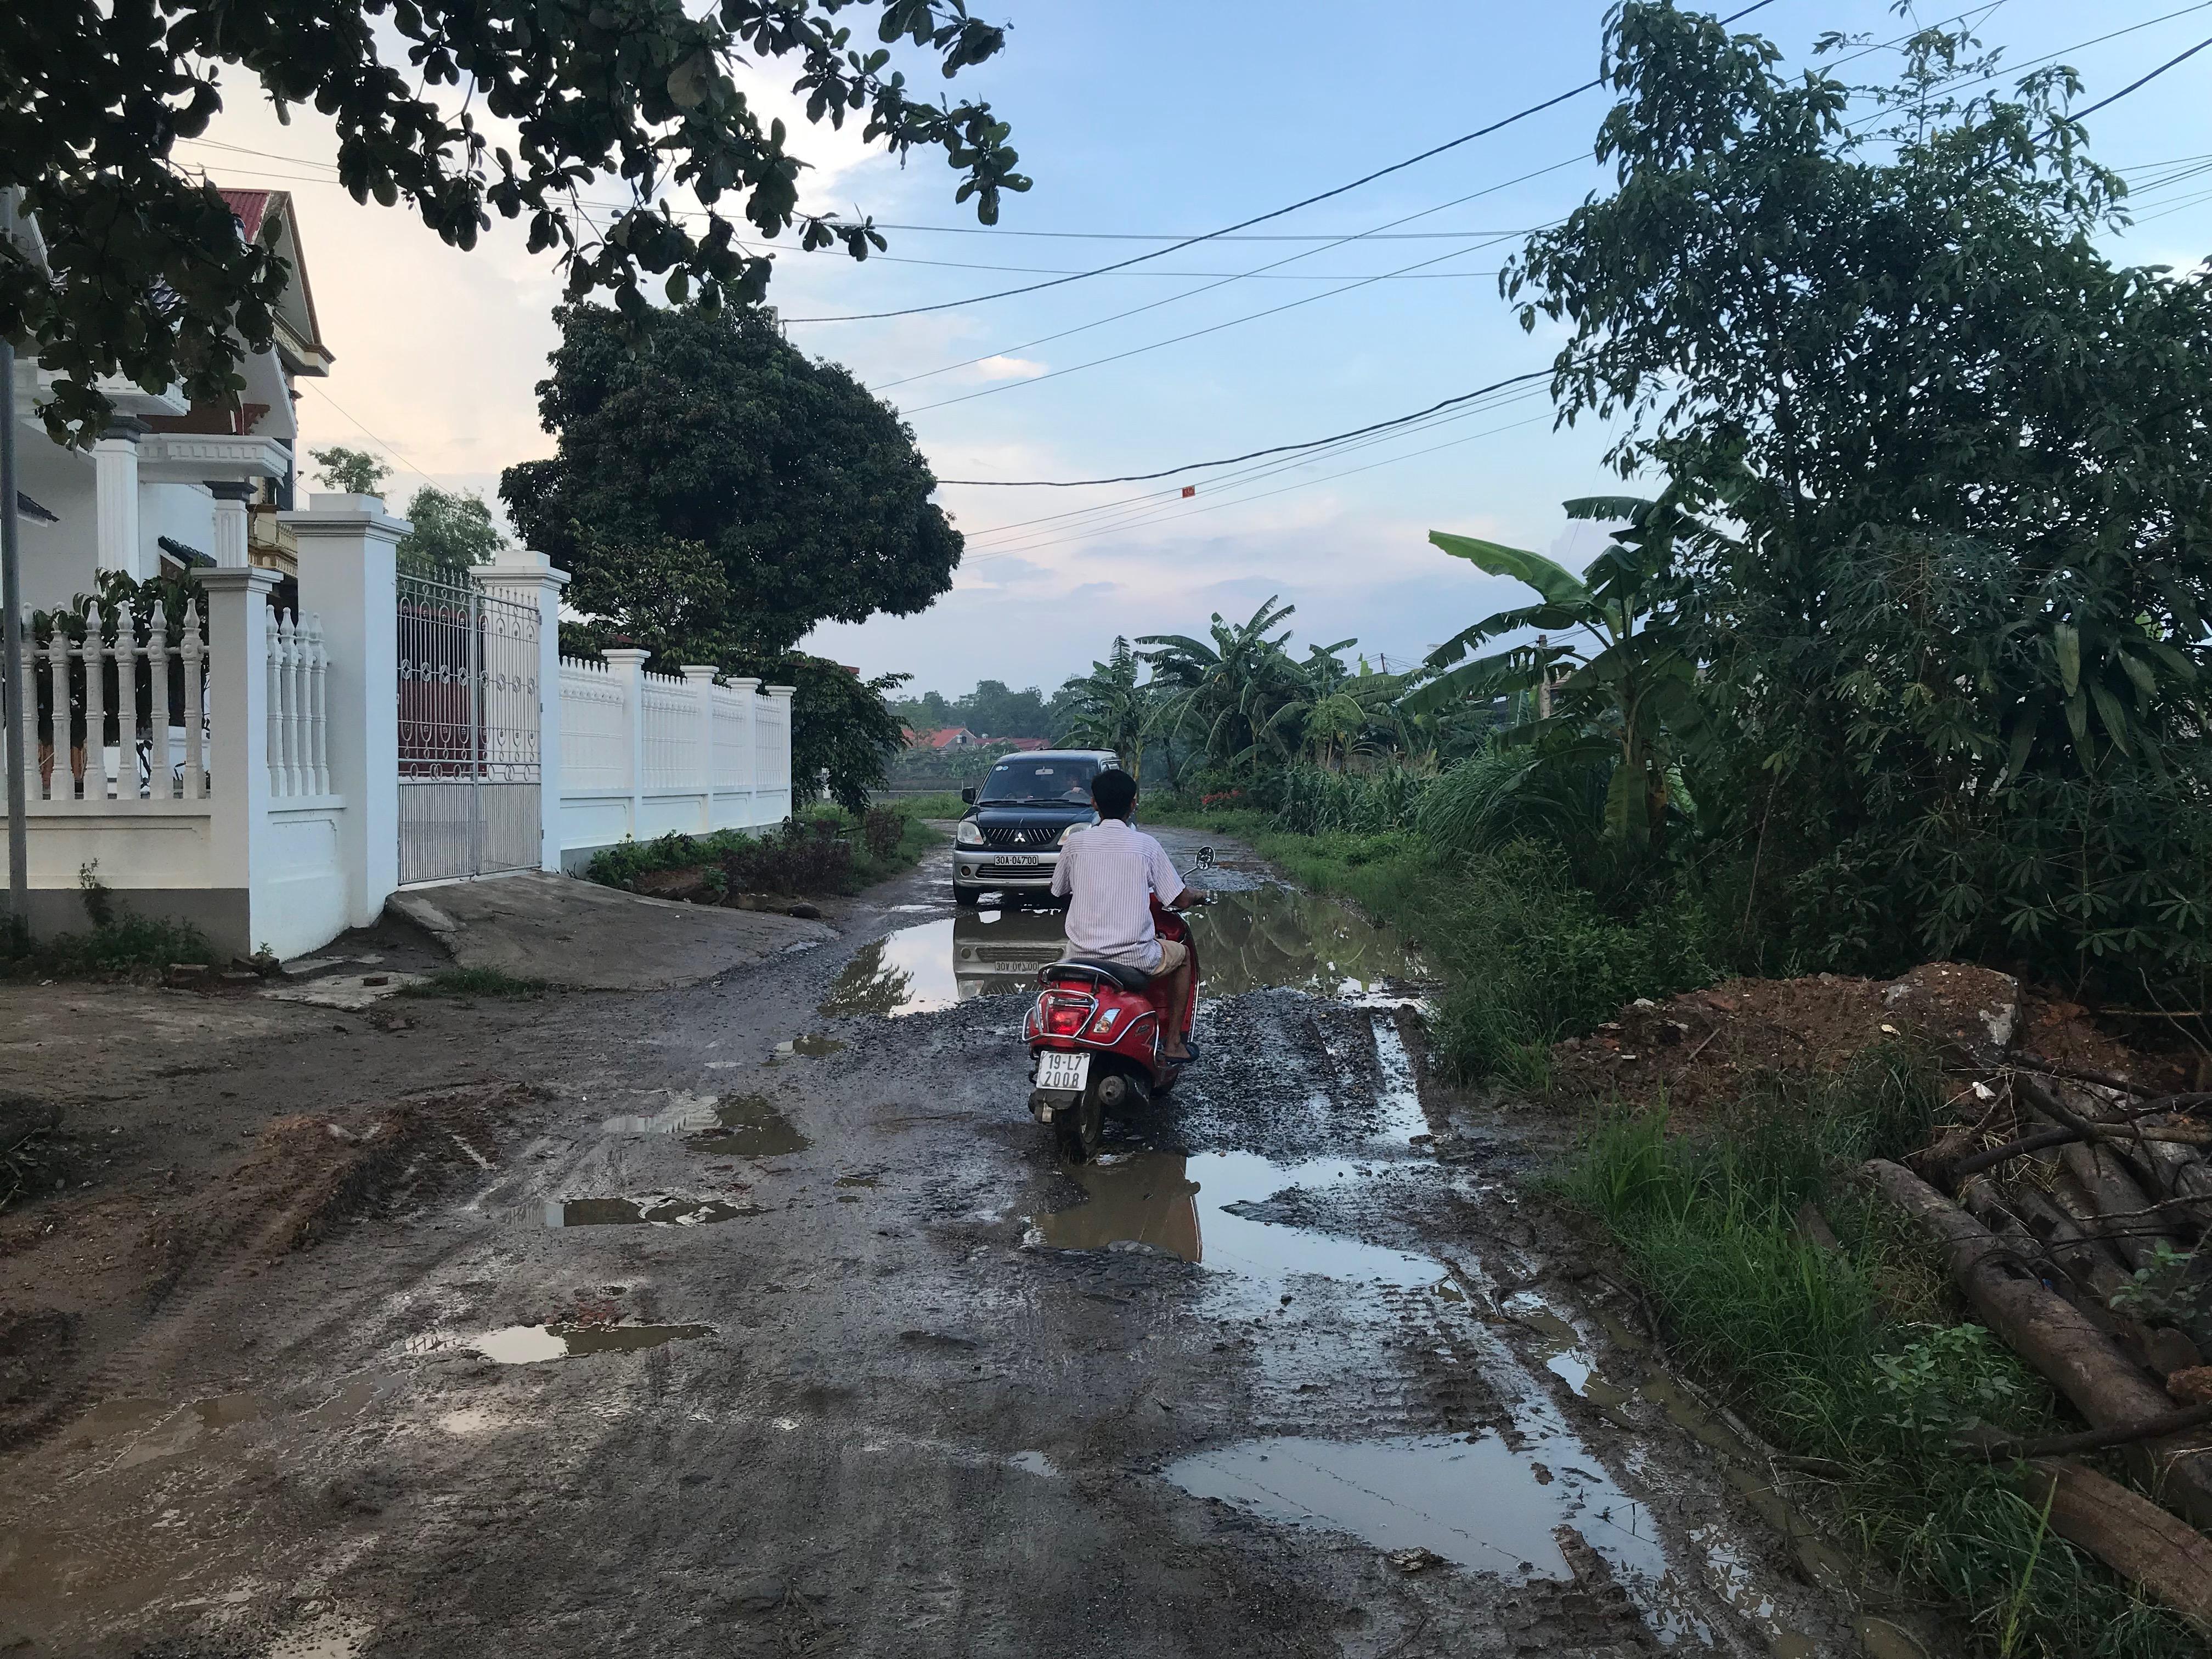 """Đường Tỉnh lộ 316B qua địa bàn xã Đào Xá, huyện Thanh Thủy, tỉnh Phú Thọ đầy rẫy """"ổ voi"""", """"ổ gà""""."""